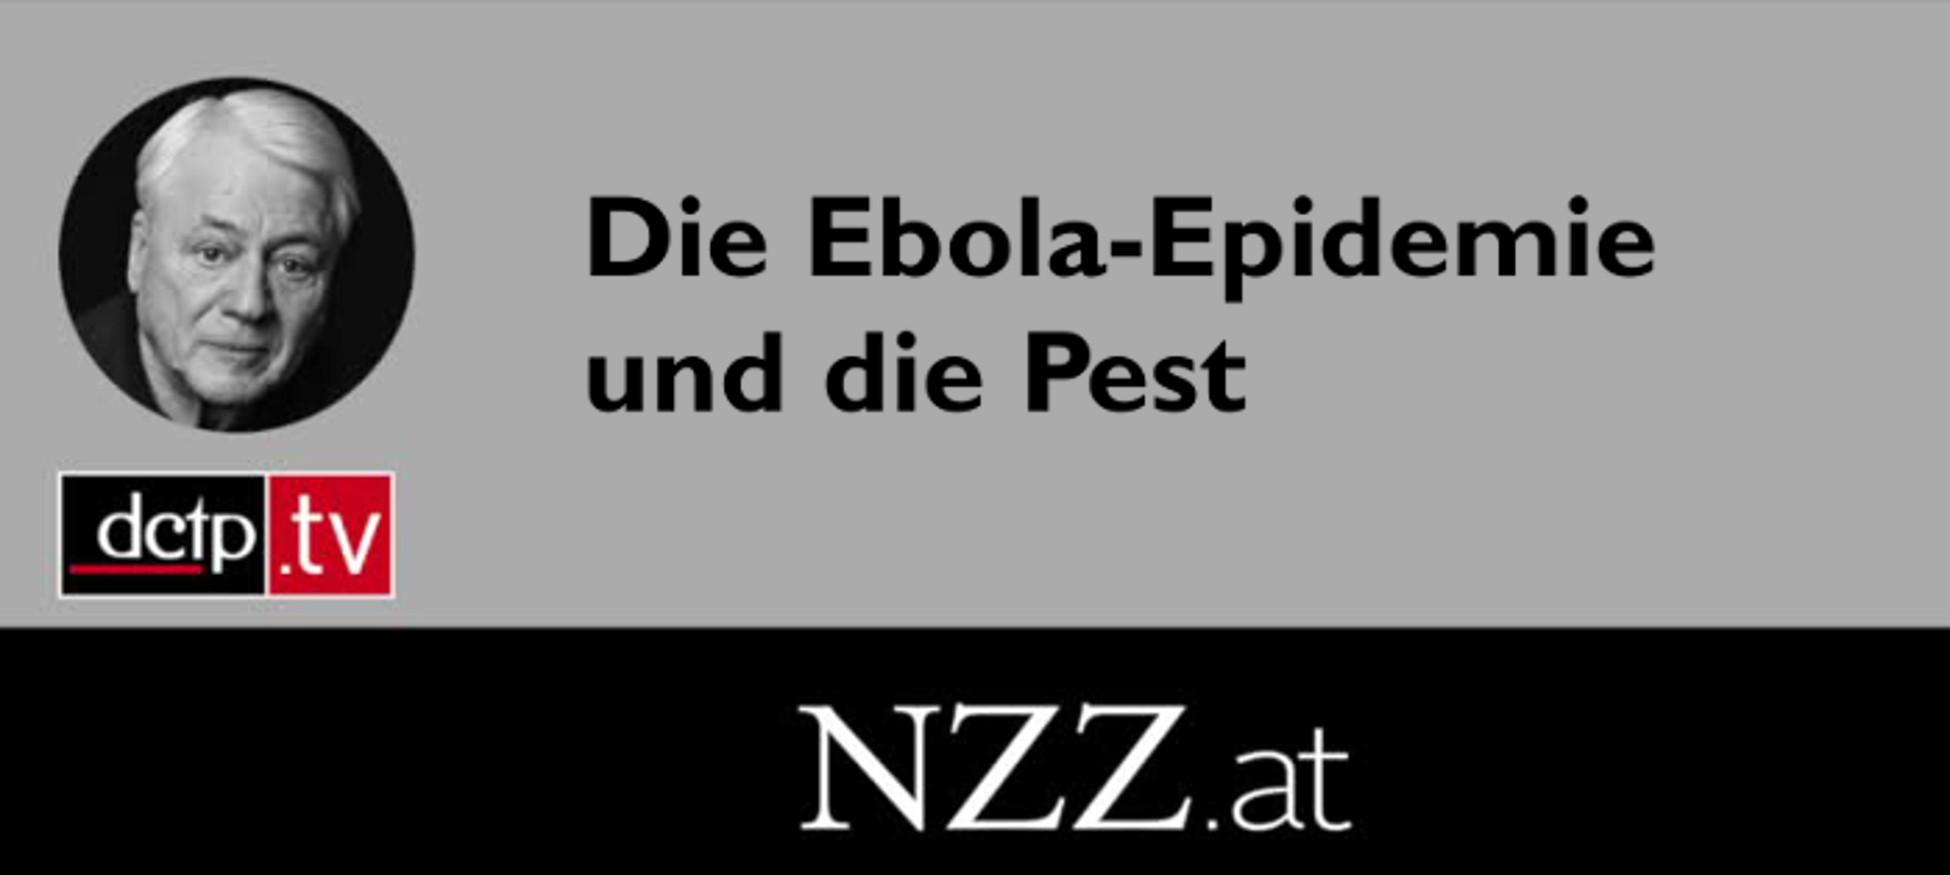 Alexander Kluge für die NZZ.at